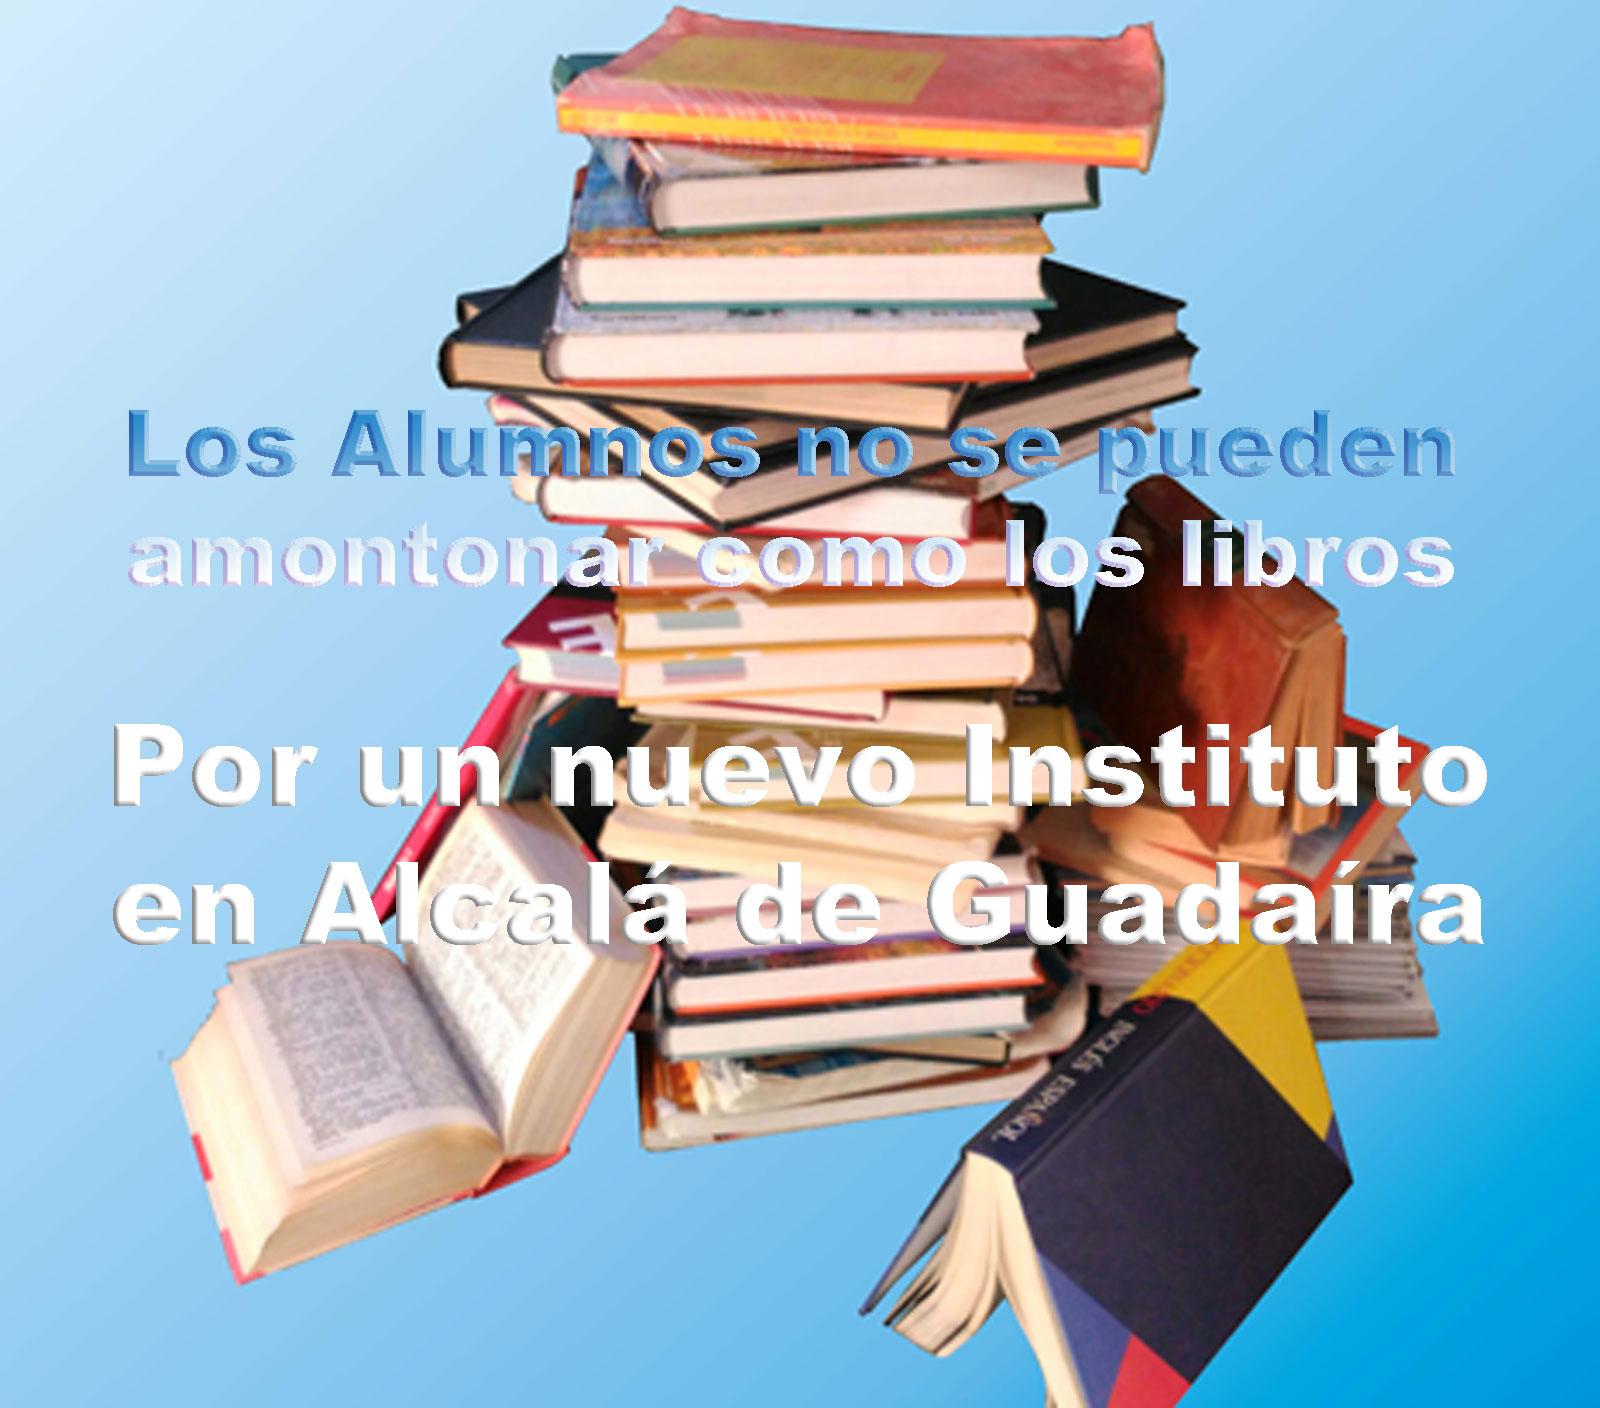 ¡Necesitamos tu firma! – Por un nuevo Instituto en Alcalá de Guadaíra